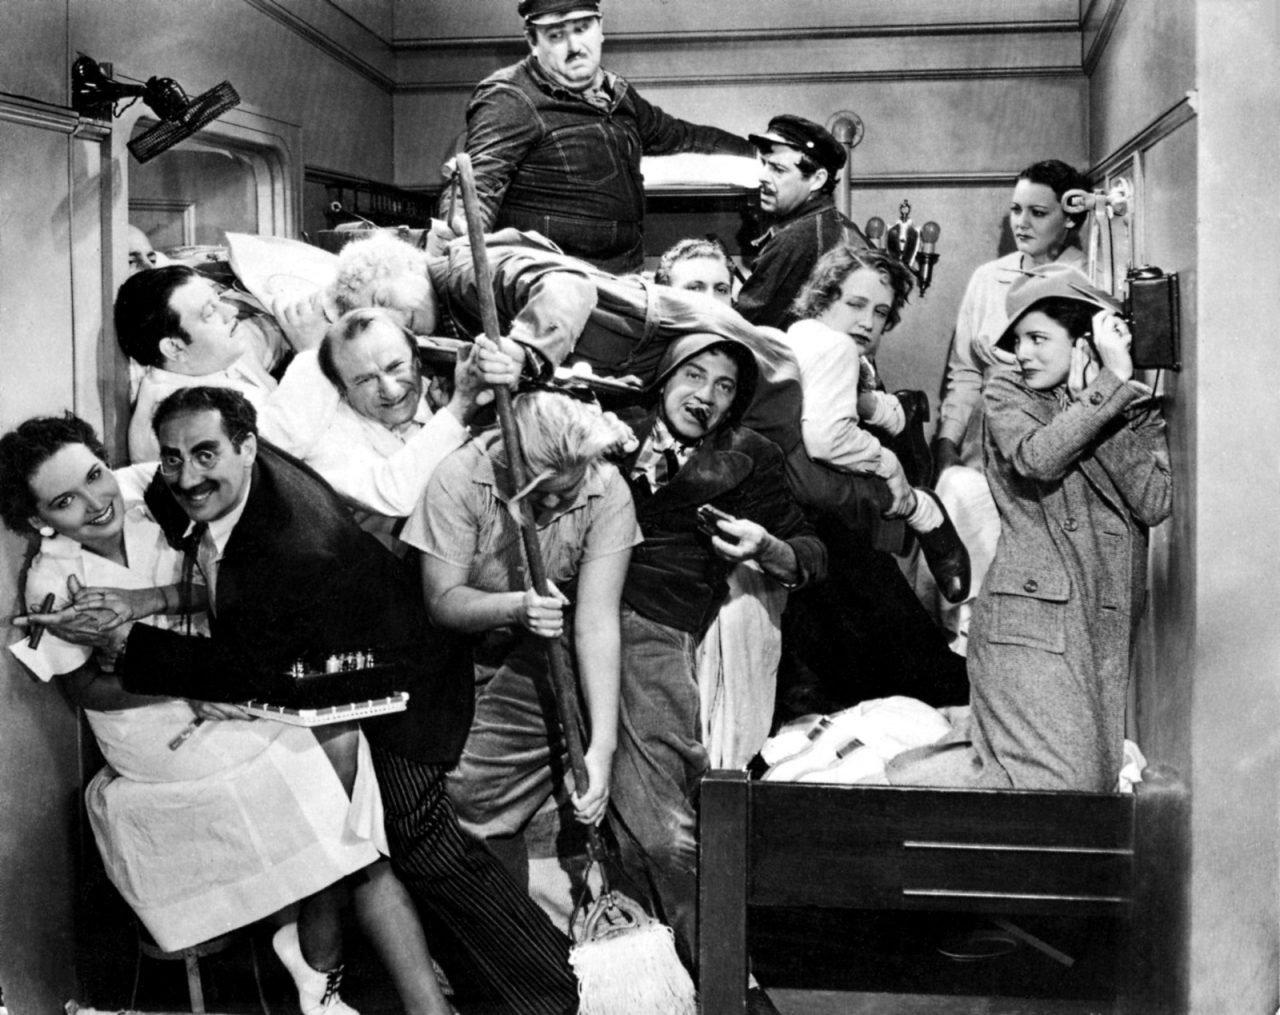 camarote de los hermanos Marx, de la película Una noche en la ópera